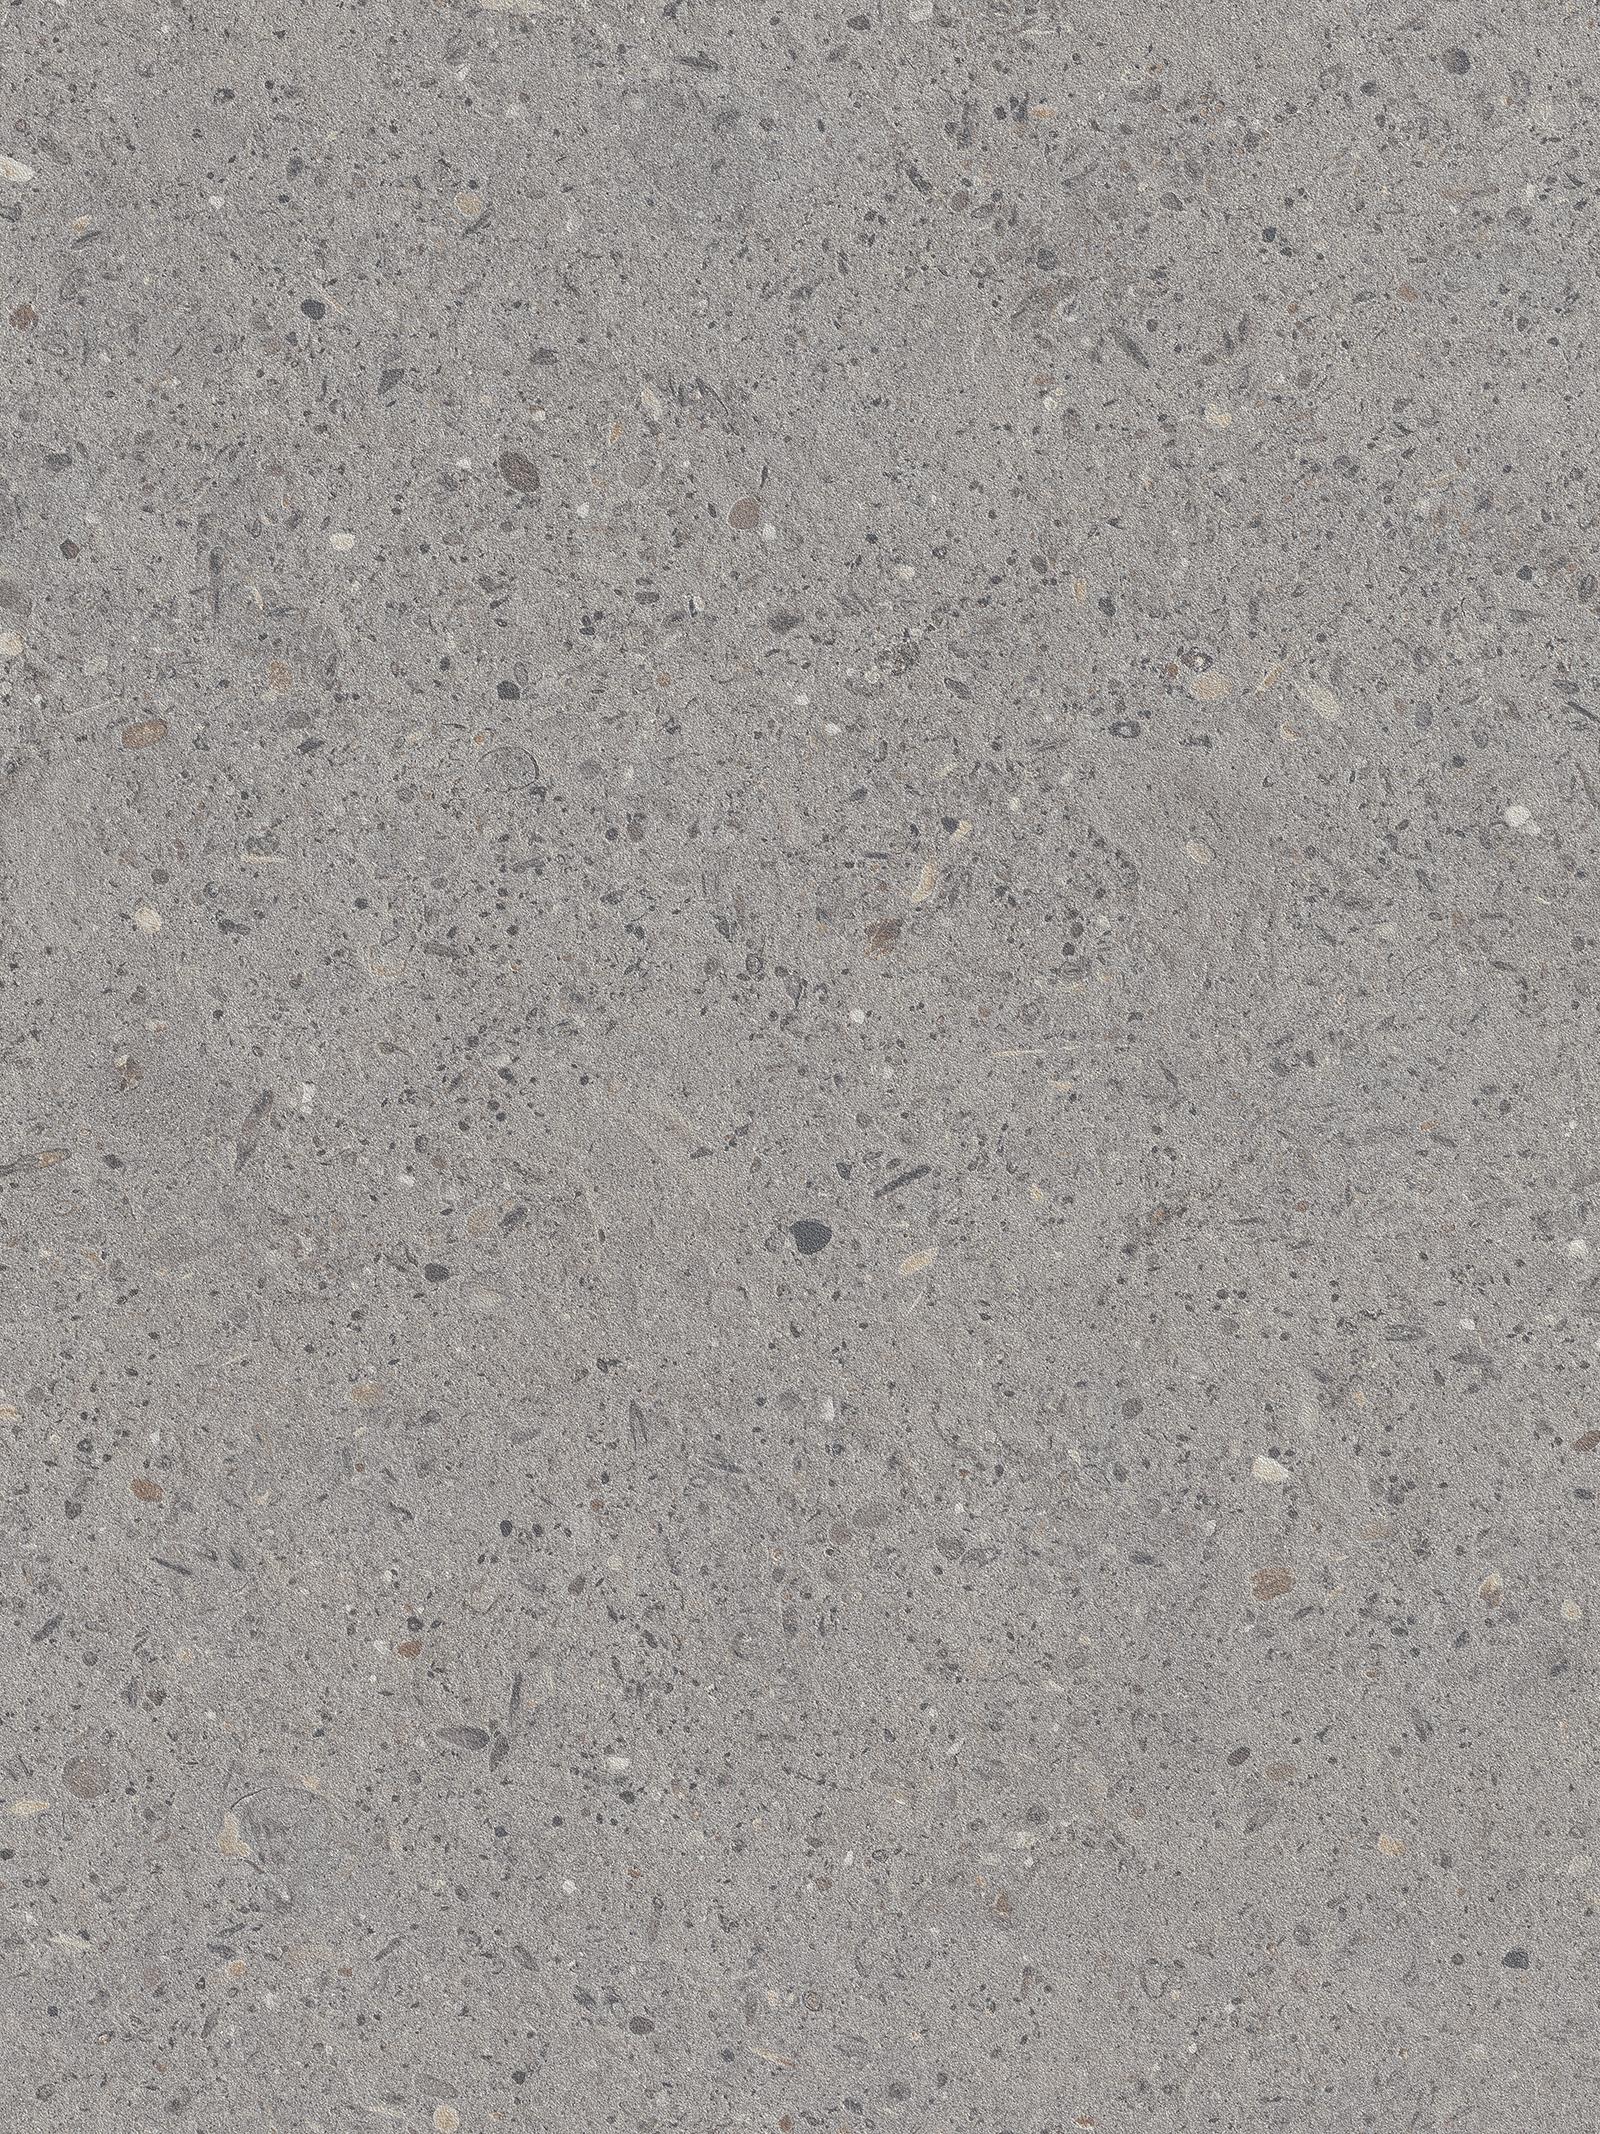 DecoLegno FC69 Concreta - Detailafbeelding